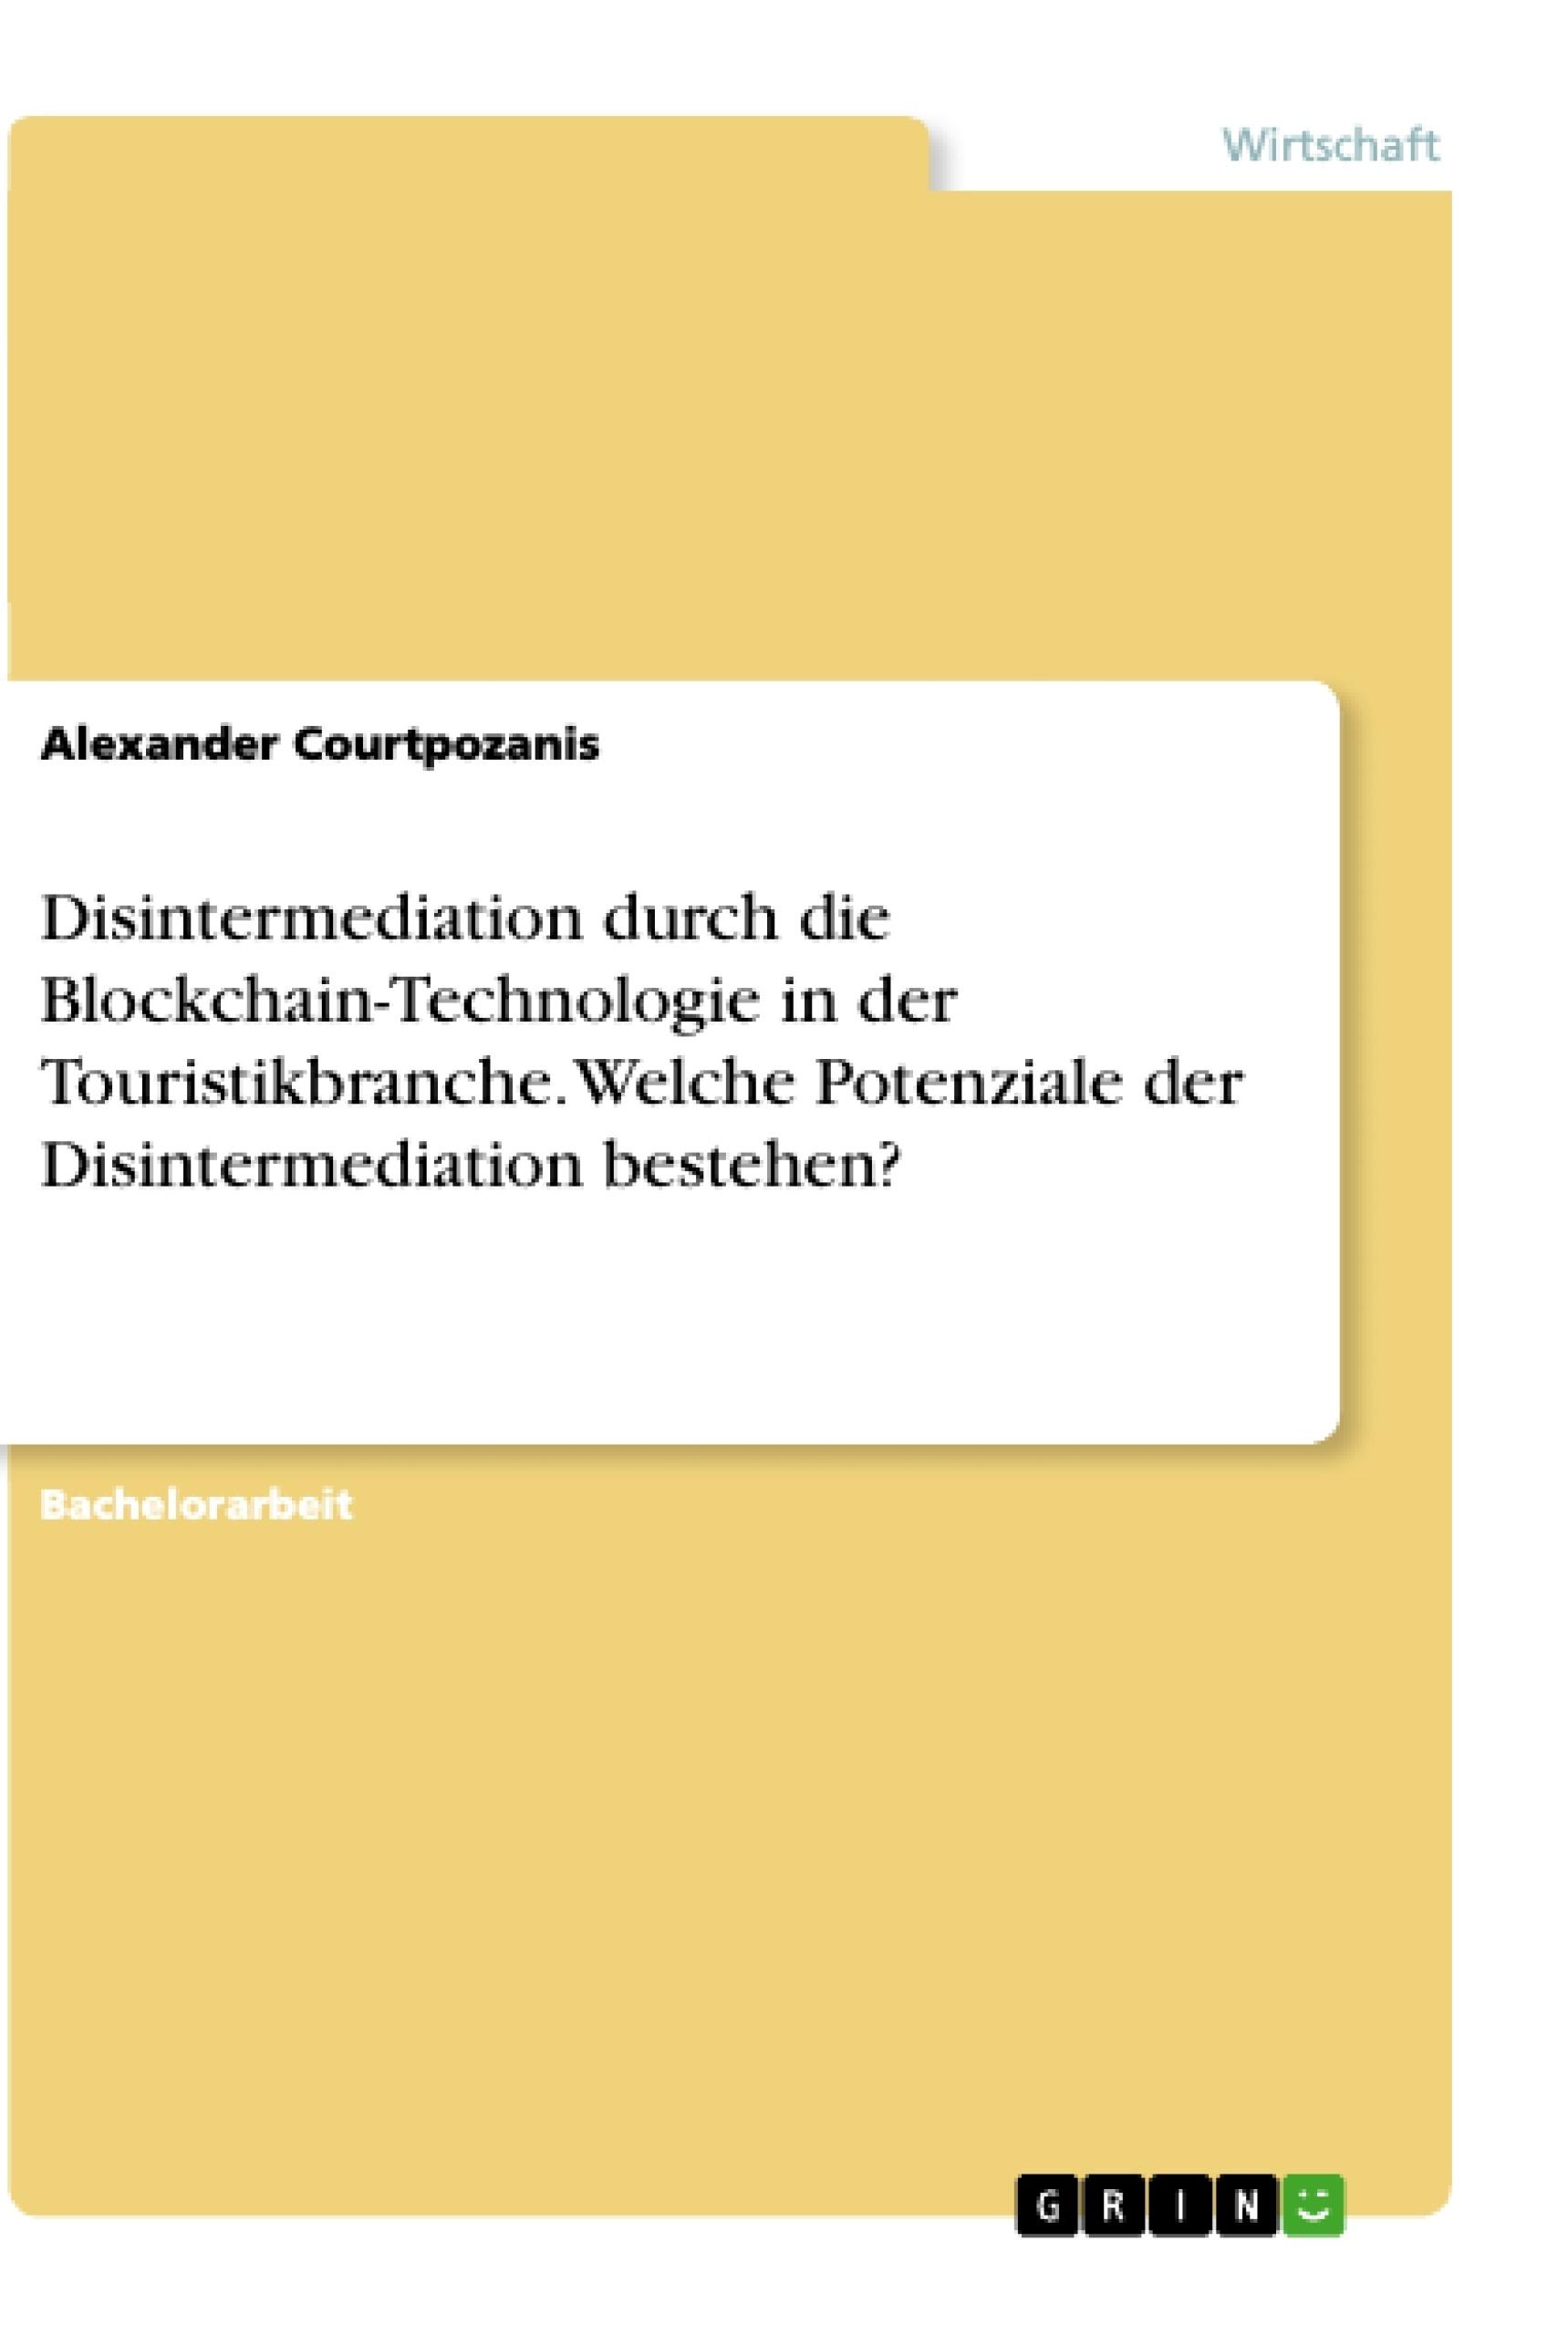 Titel: Disintermediation durch die Blockchain-Technologie in der Touristikbranche. Welche Potenziale der Disintermediation bestehen?